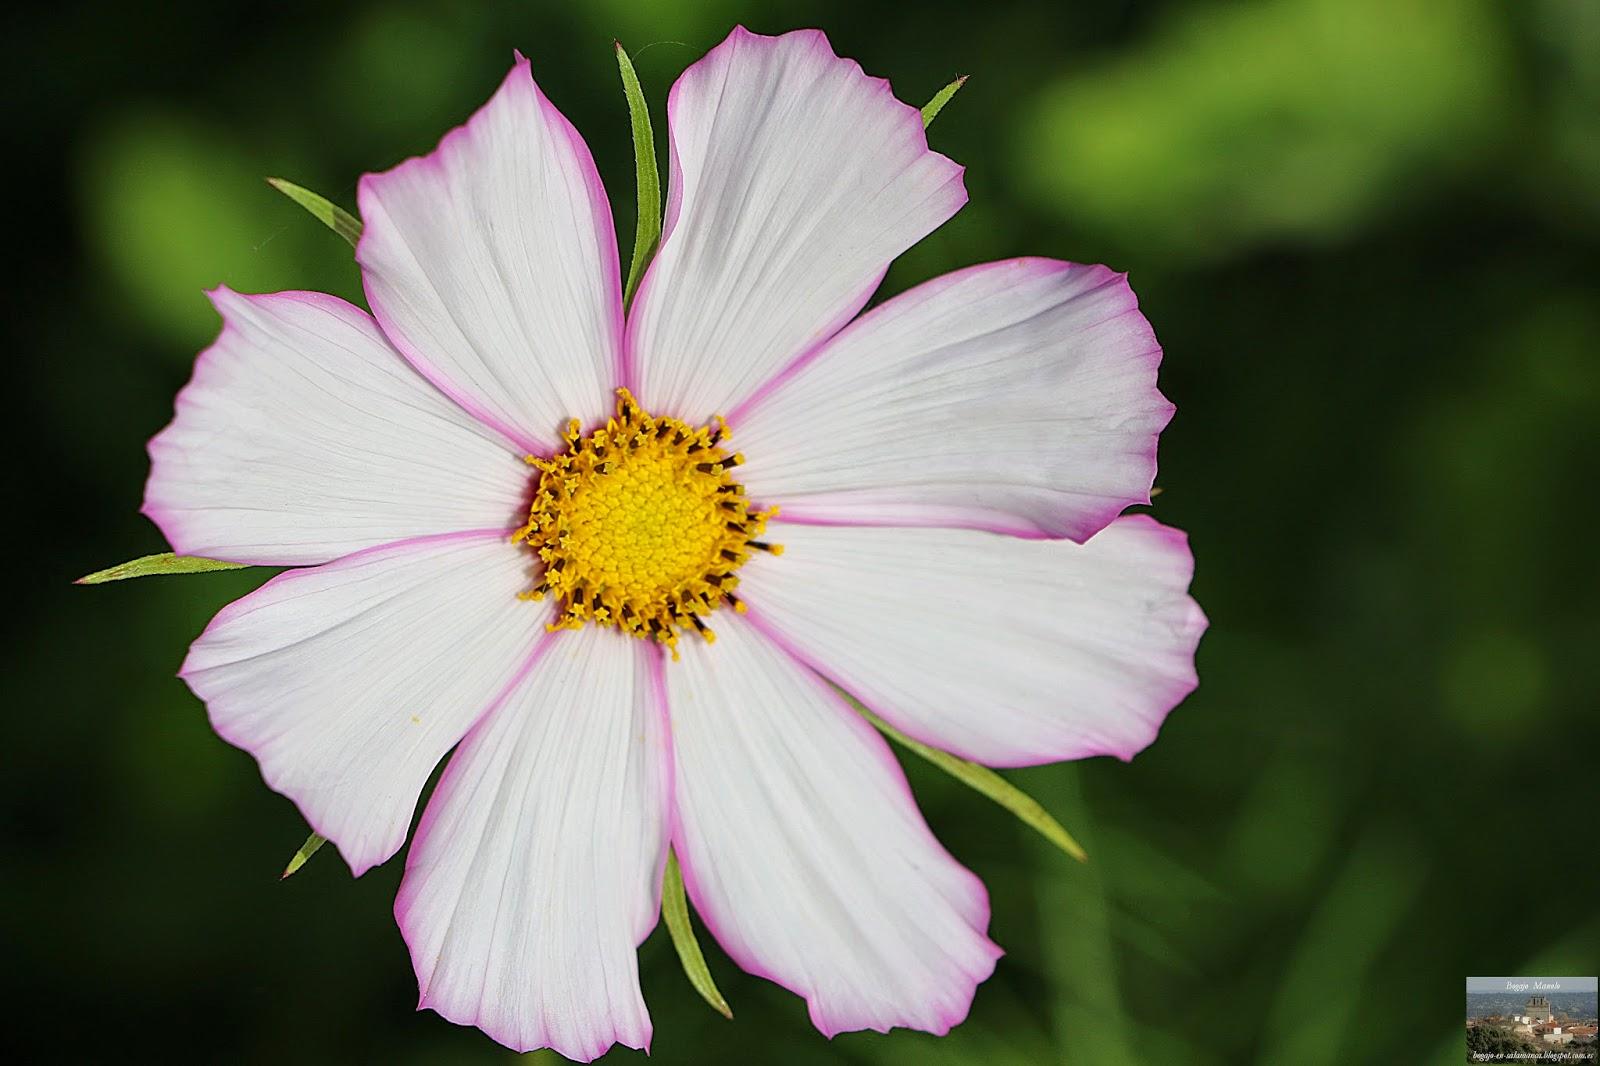 Imagenes De Flores Rojas Y Blancas - Galérias de imágenes de Flores Pedia Florespedia com